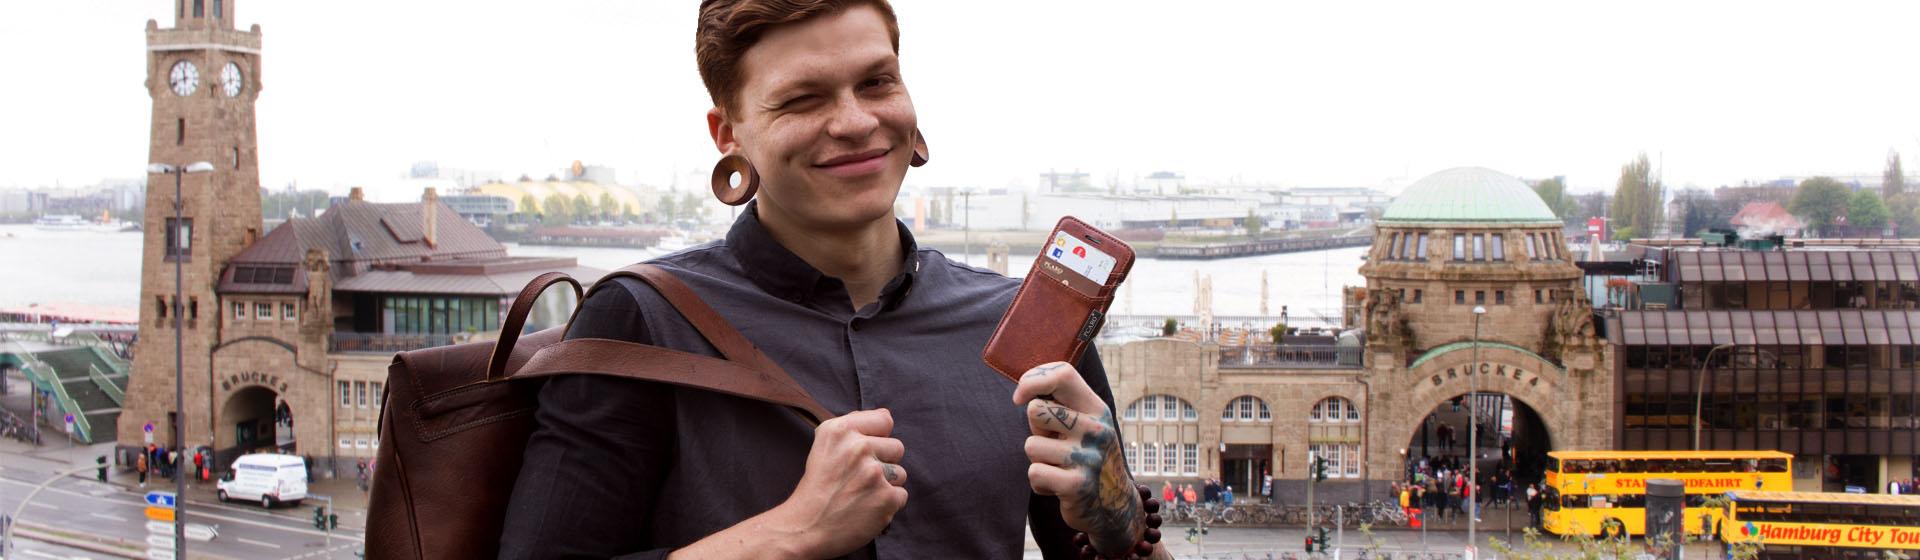 PCARO® European Jazz - Handyhüllen und Tablet-Hüllen aus Leder